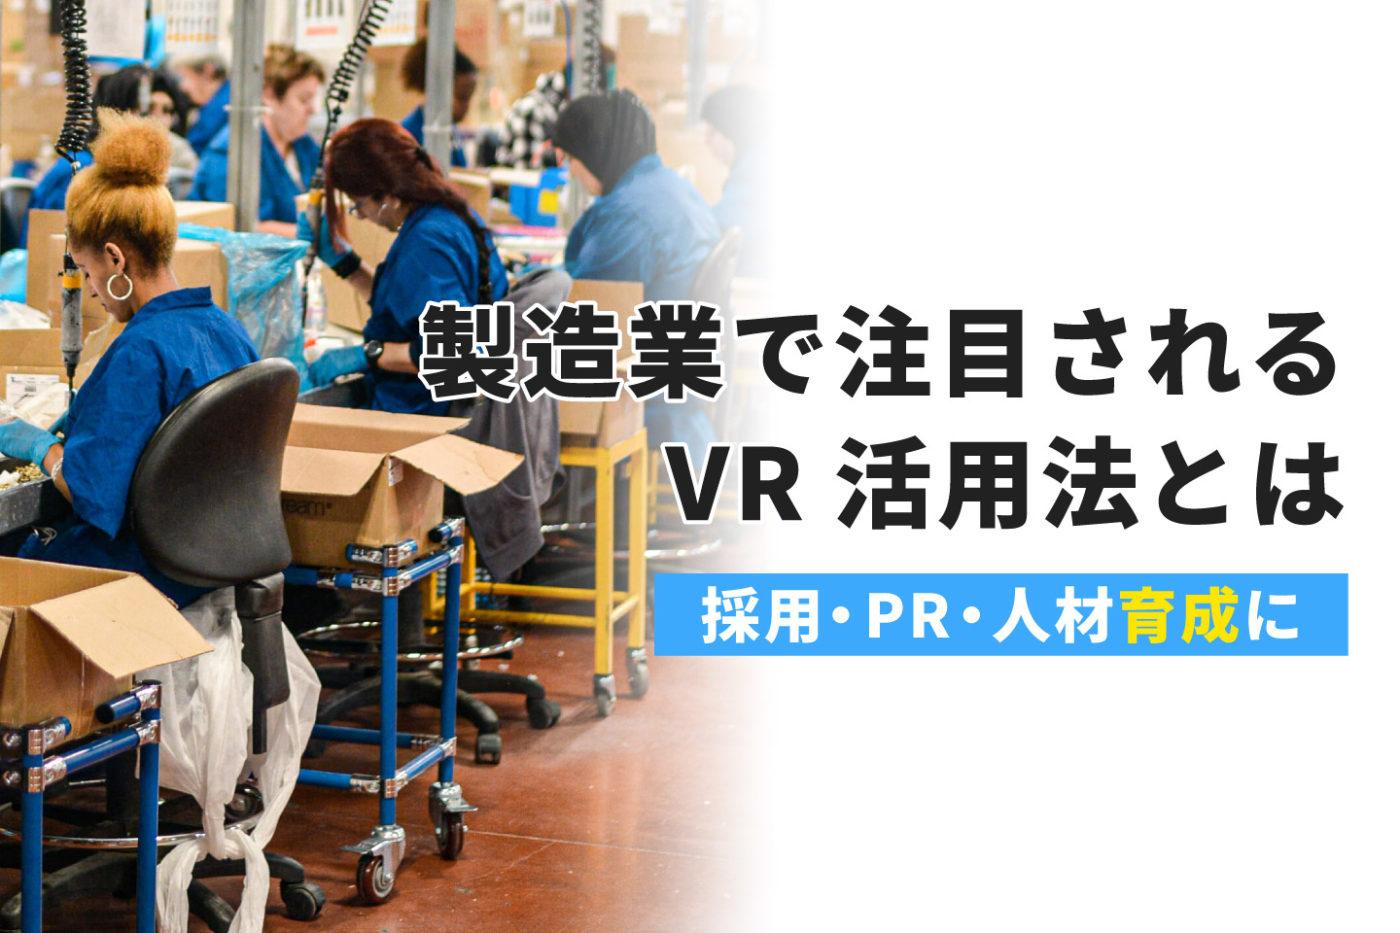 製造業で注目されるVR活用法とは【採用・PR・人材育成に】